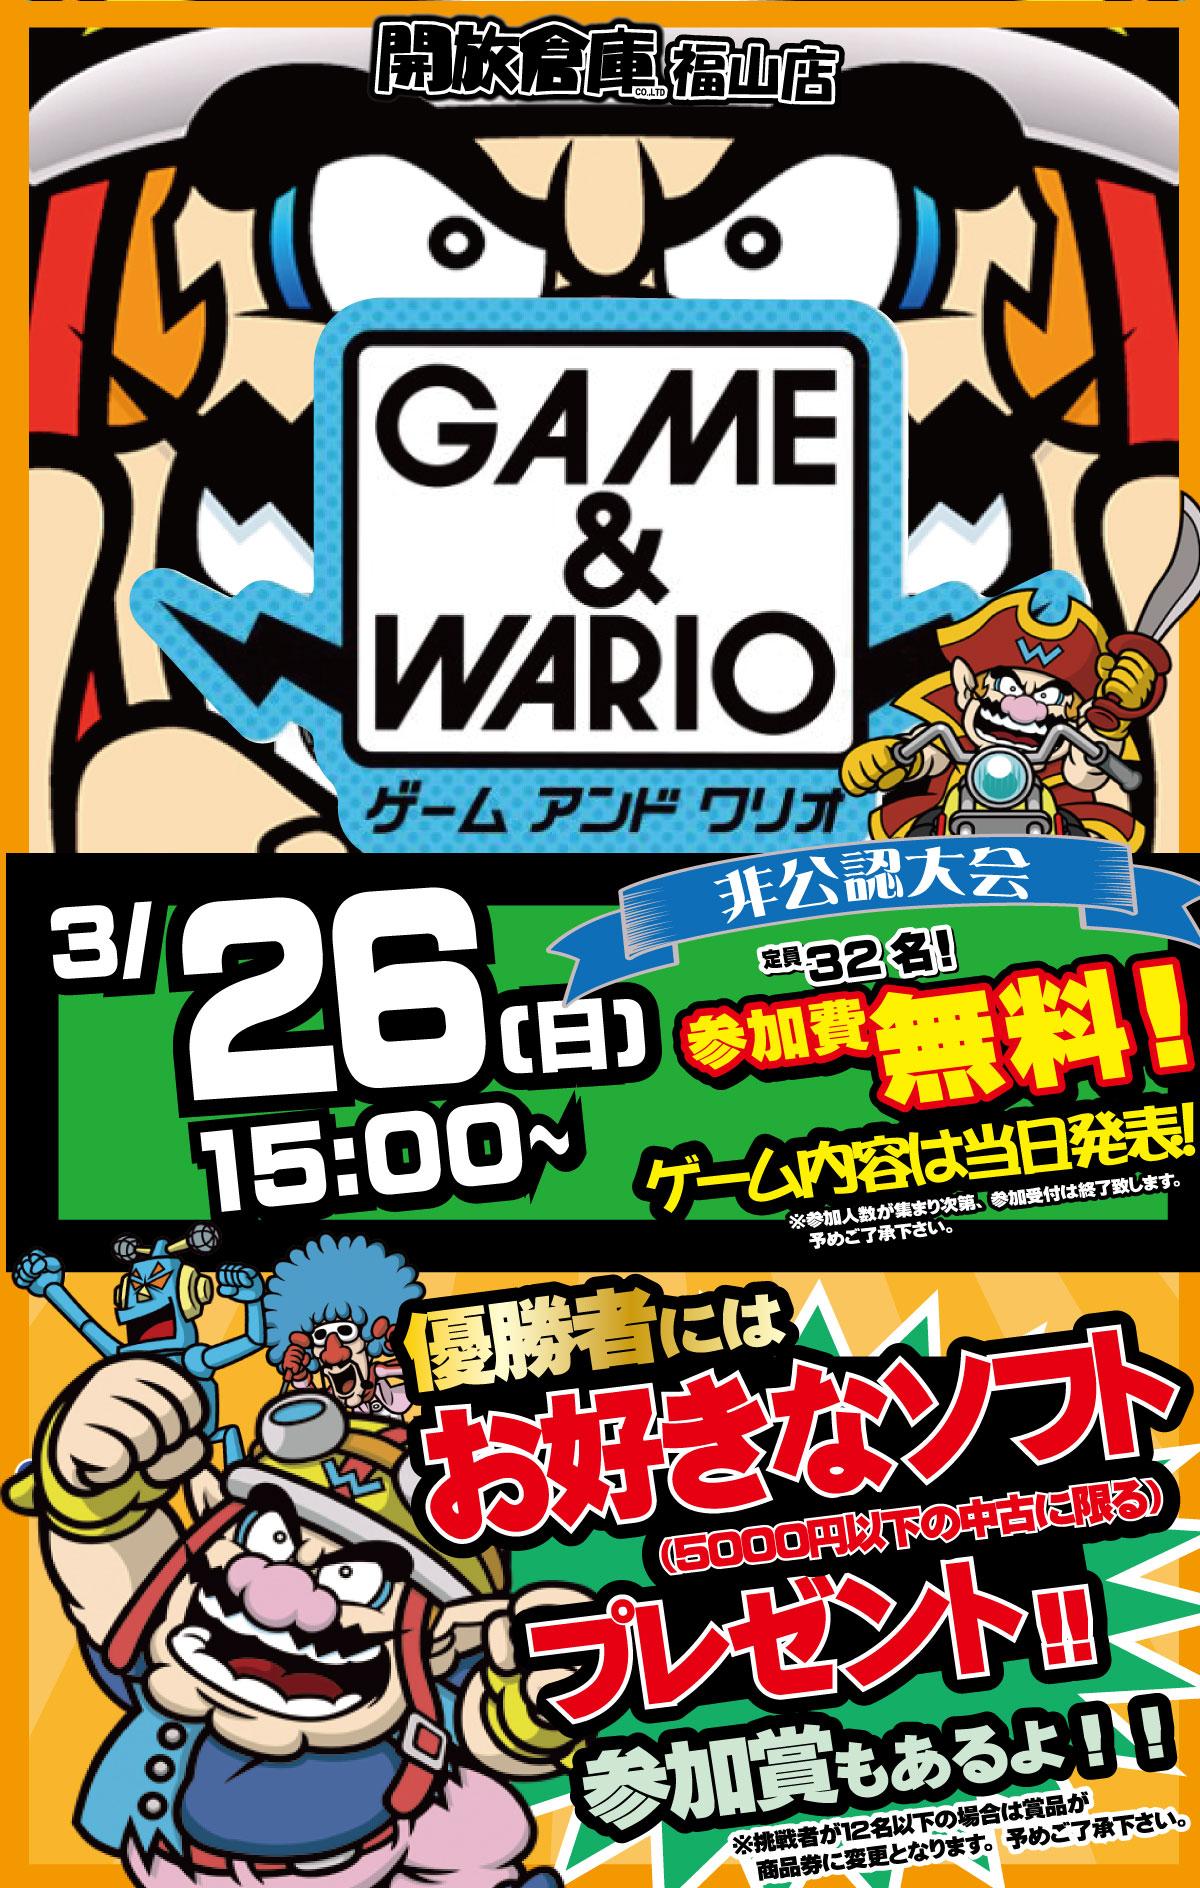 「開放倉庫福山店」2017年3月26日(日)Wiiゲームアンドワリオ非公認大会!定員32名参加費無料!!